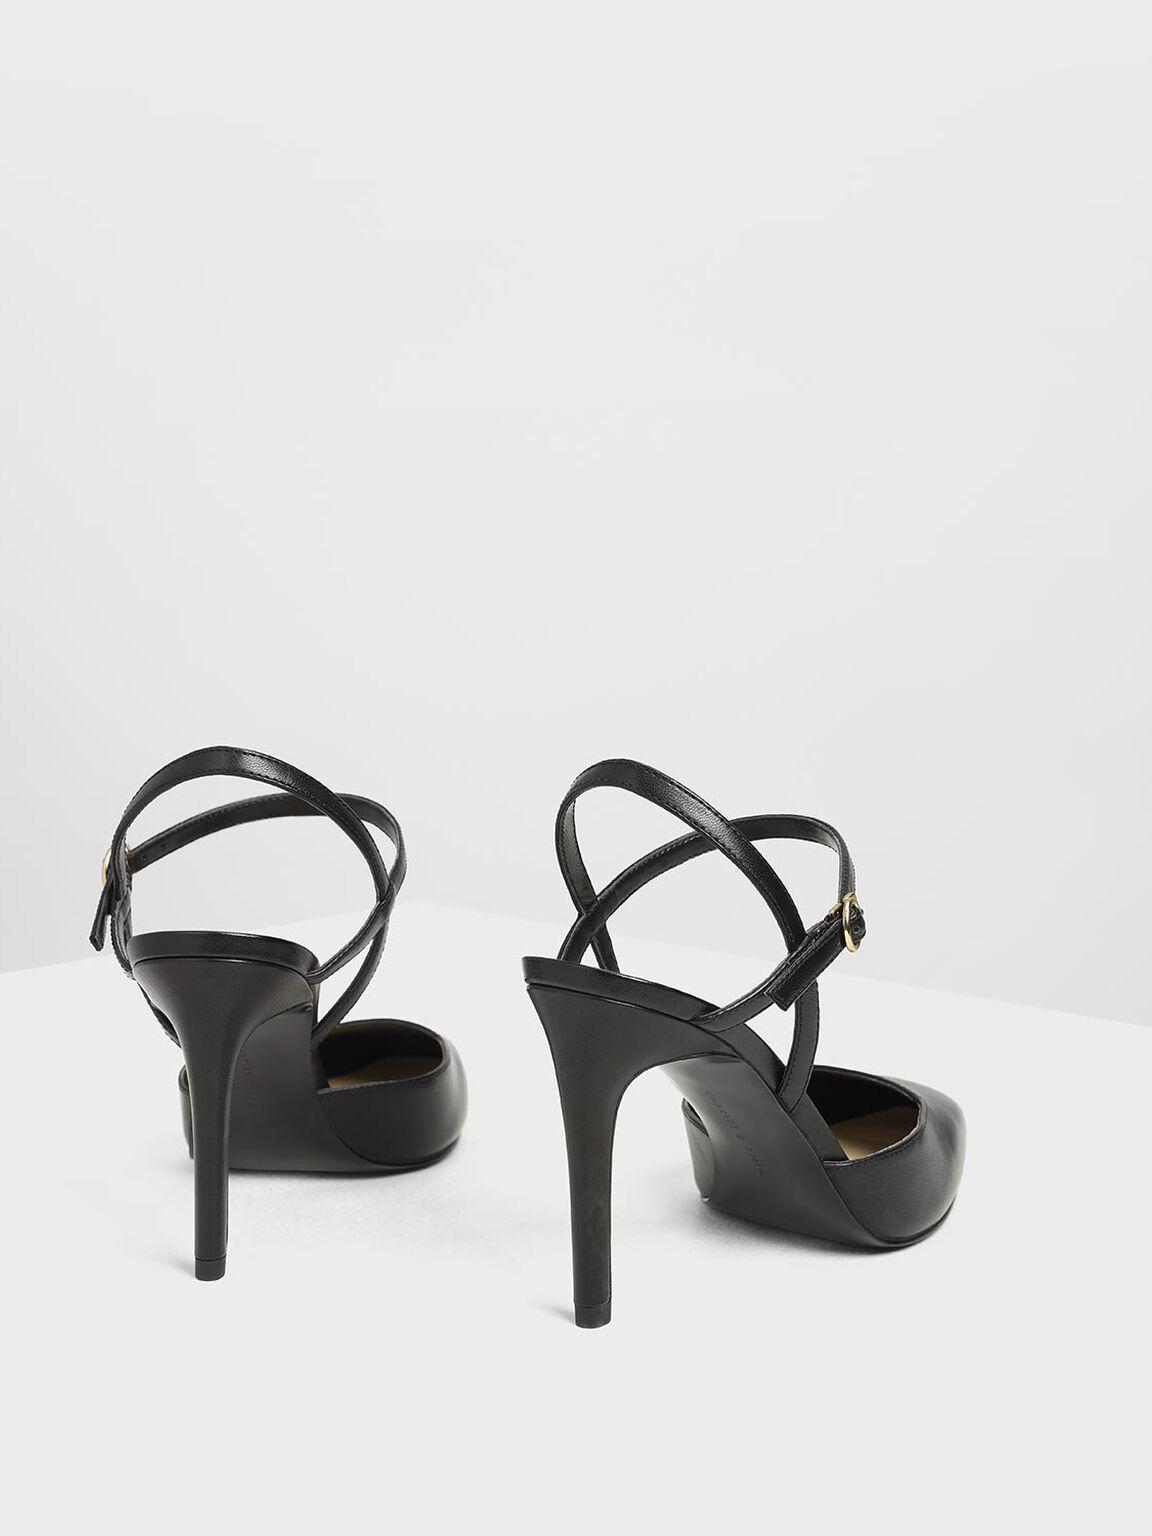 Ankle Strap Covered Heels, Black, hi-res